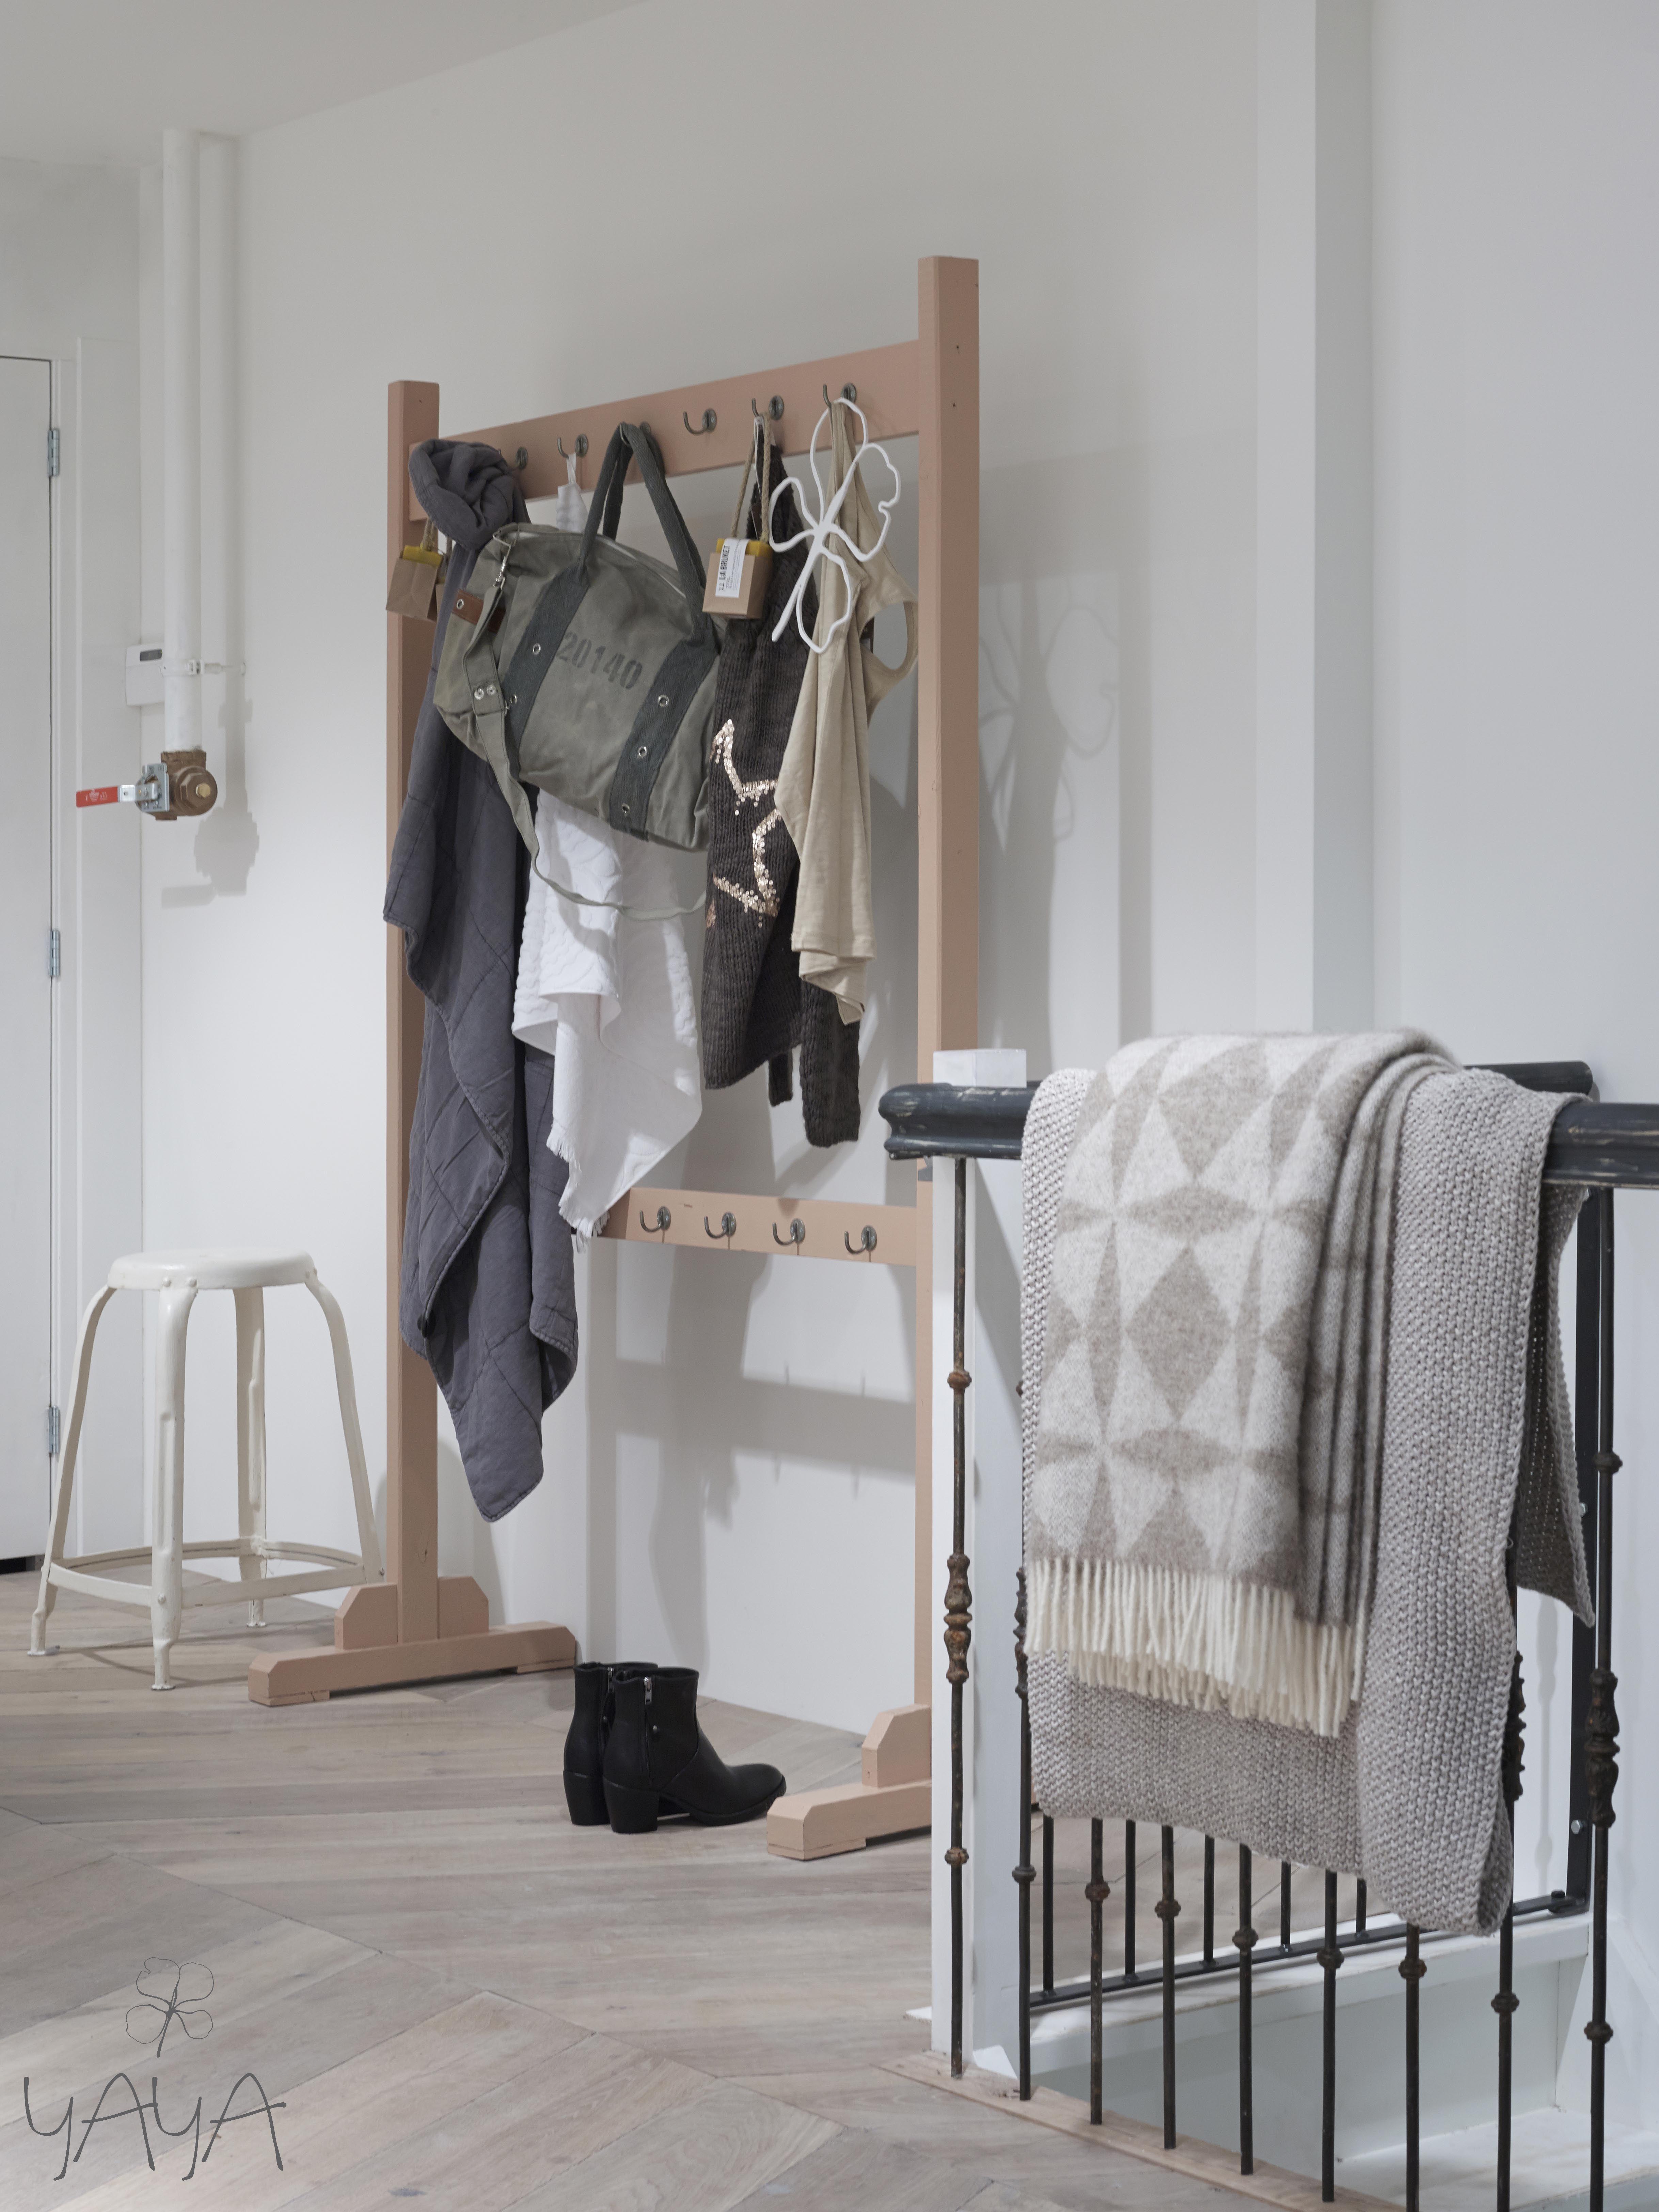 yaya concept store amstelveen winkel interieur makkelijke huis decoratie winkel interieur winkel design